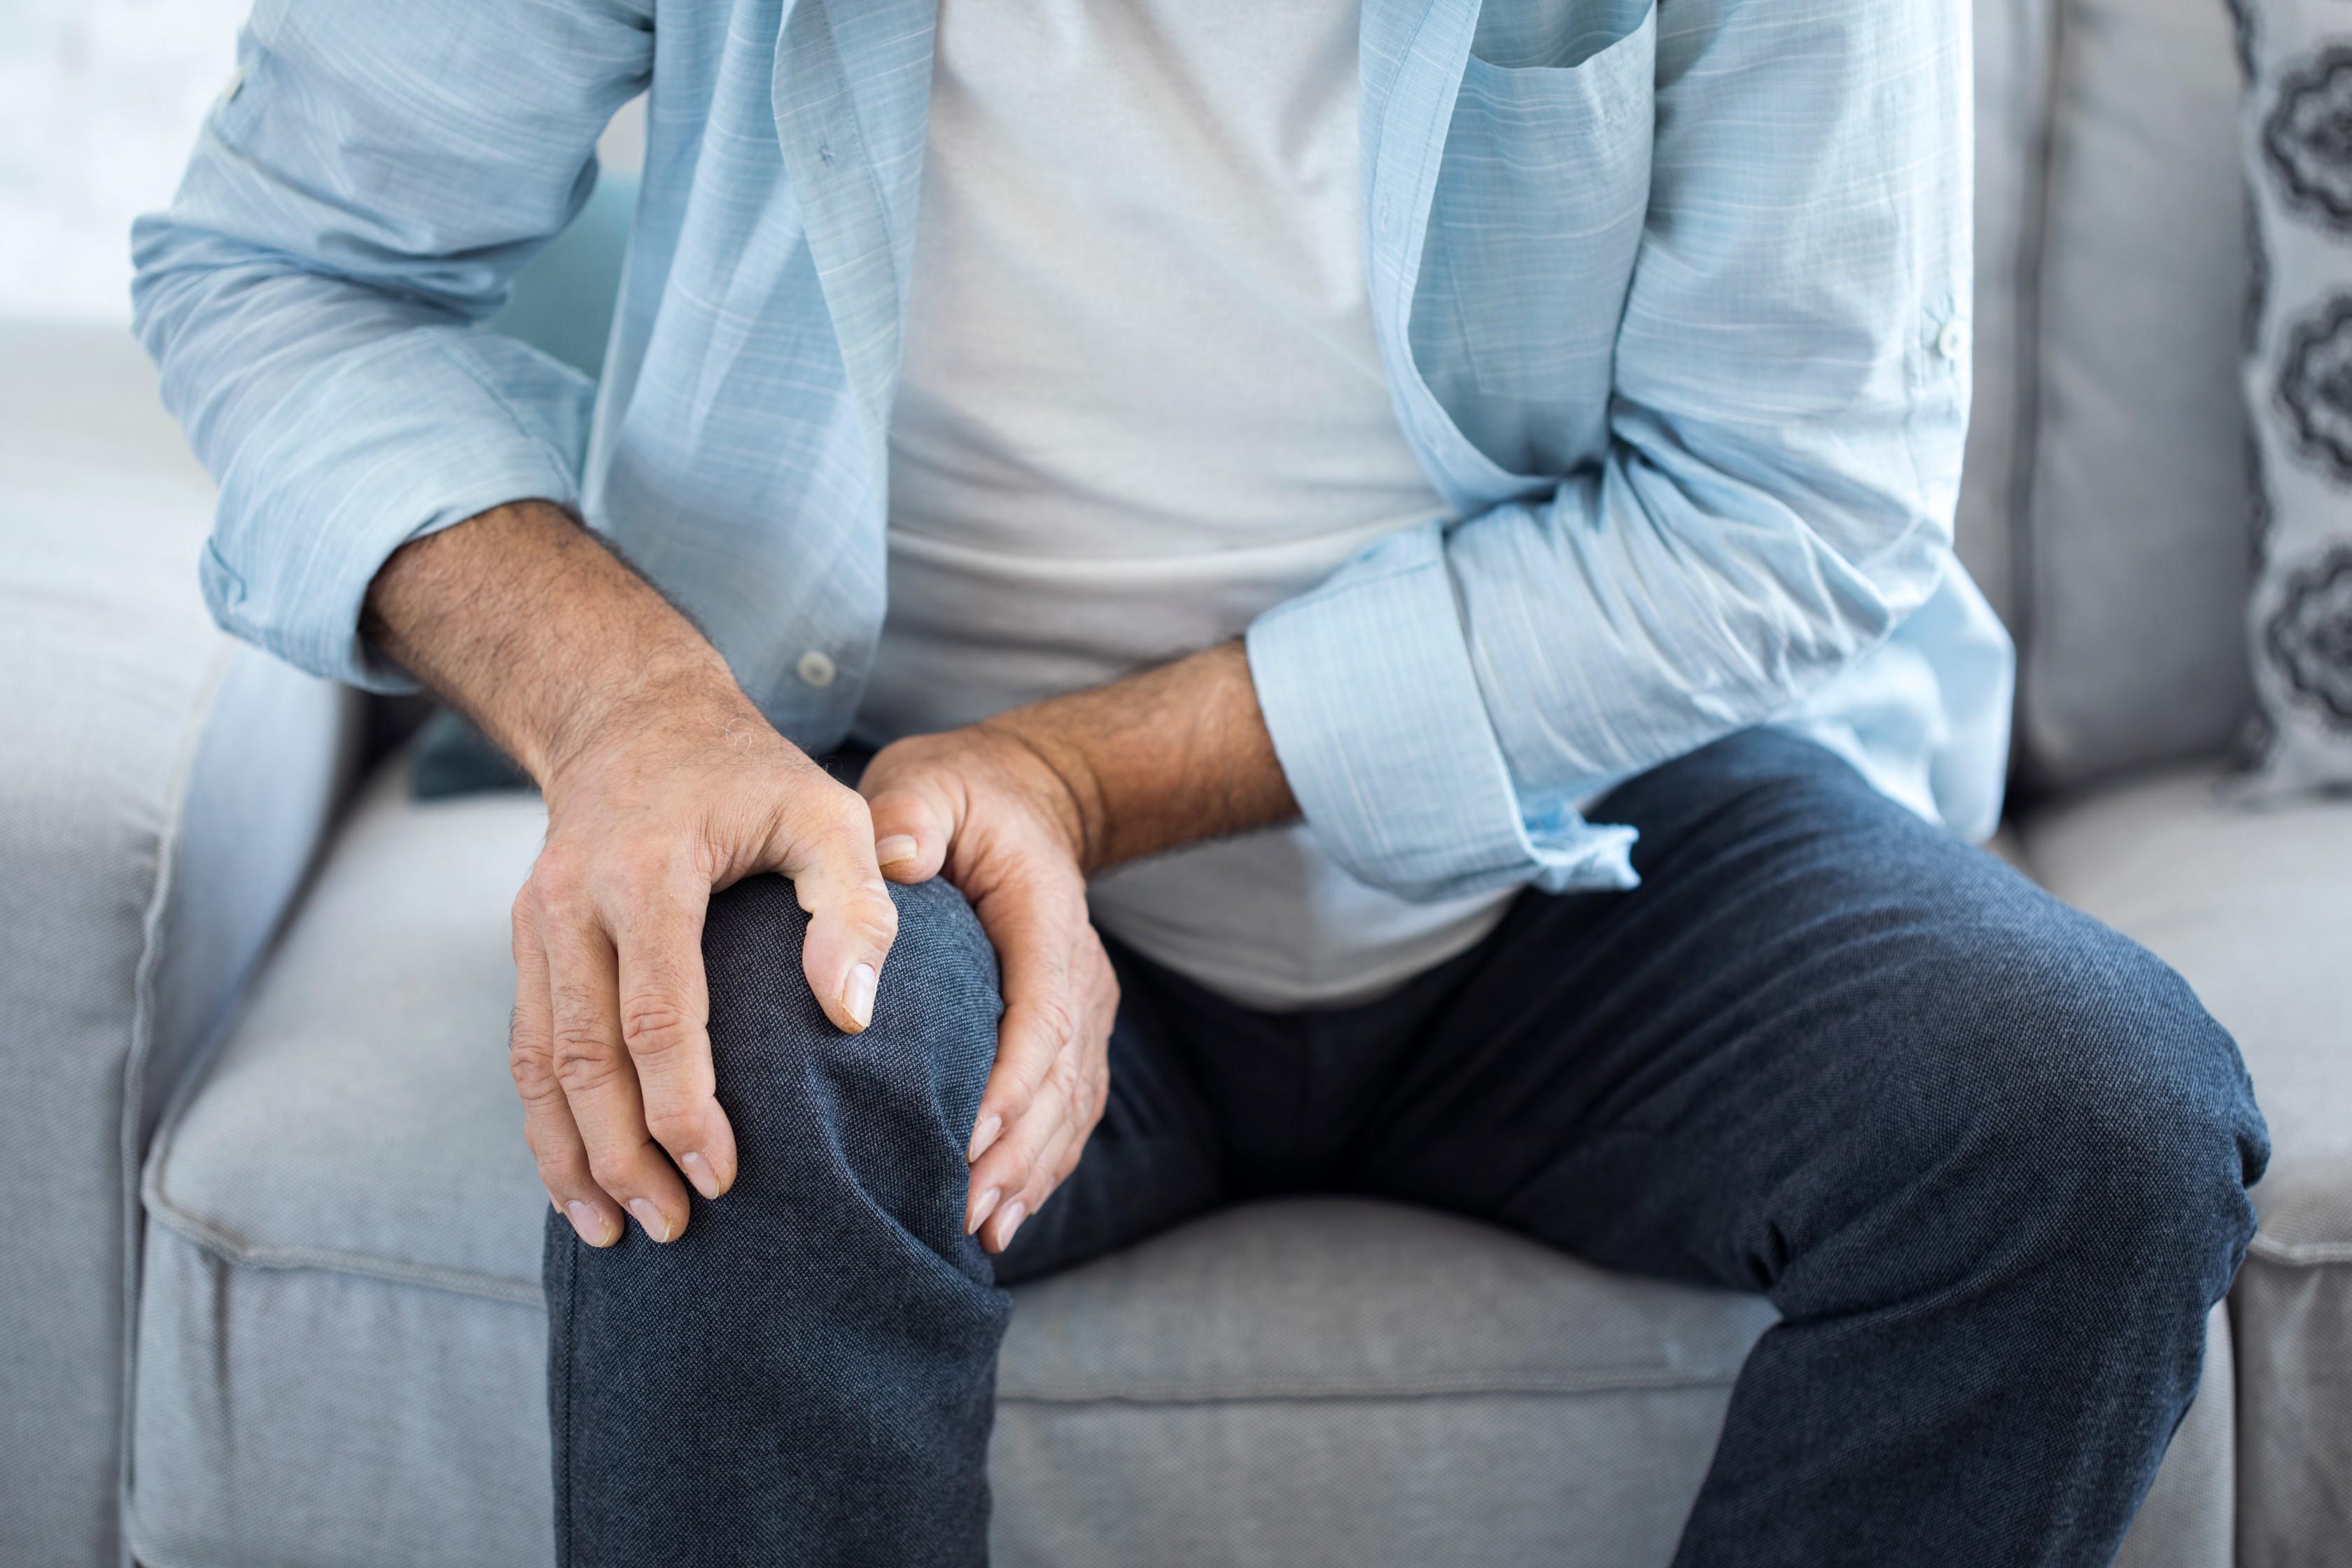 hogyan lehet enyhíteni a hüvelykujjízület gyulladását rozsliszt együttes kezelése